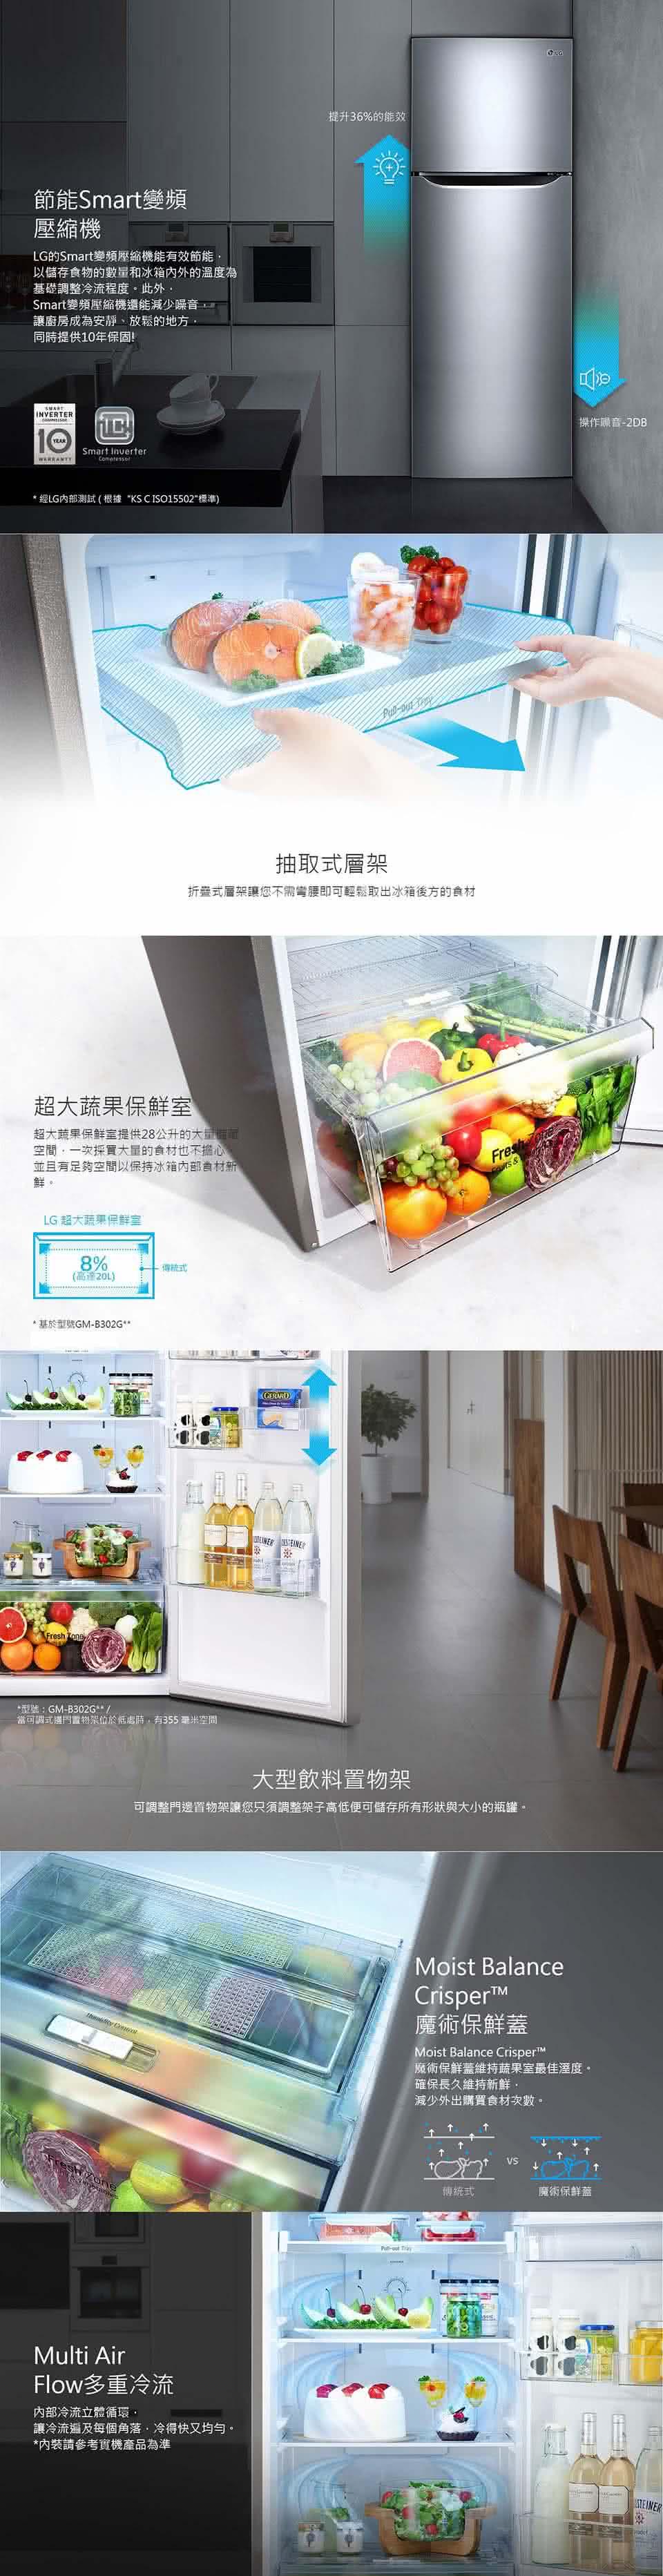 包租公必看 租屋客最愛的十大冰箱推薦